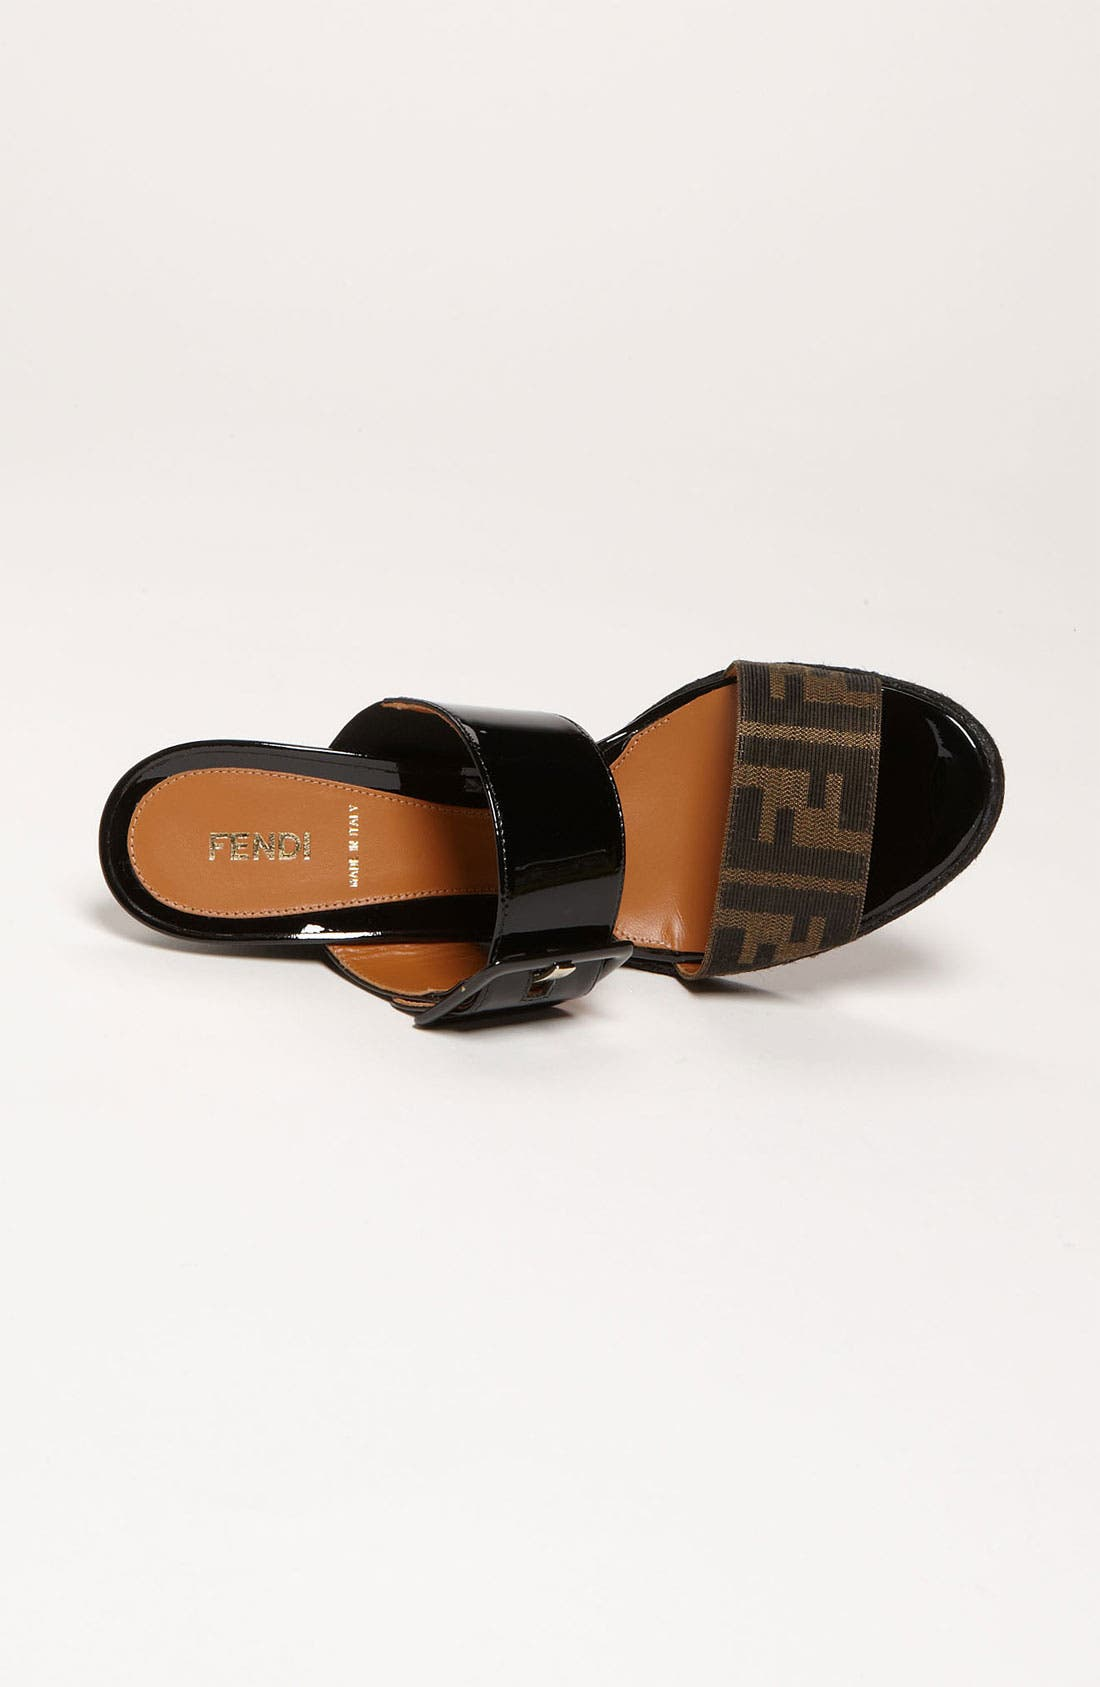 Alternate Image 3  - Fendi 'Vernis' Wedge Sandal (Women)